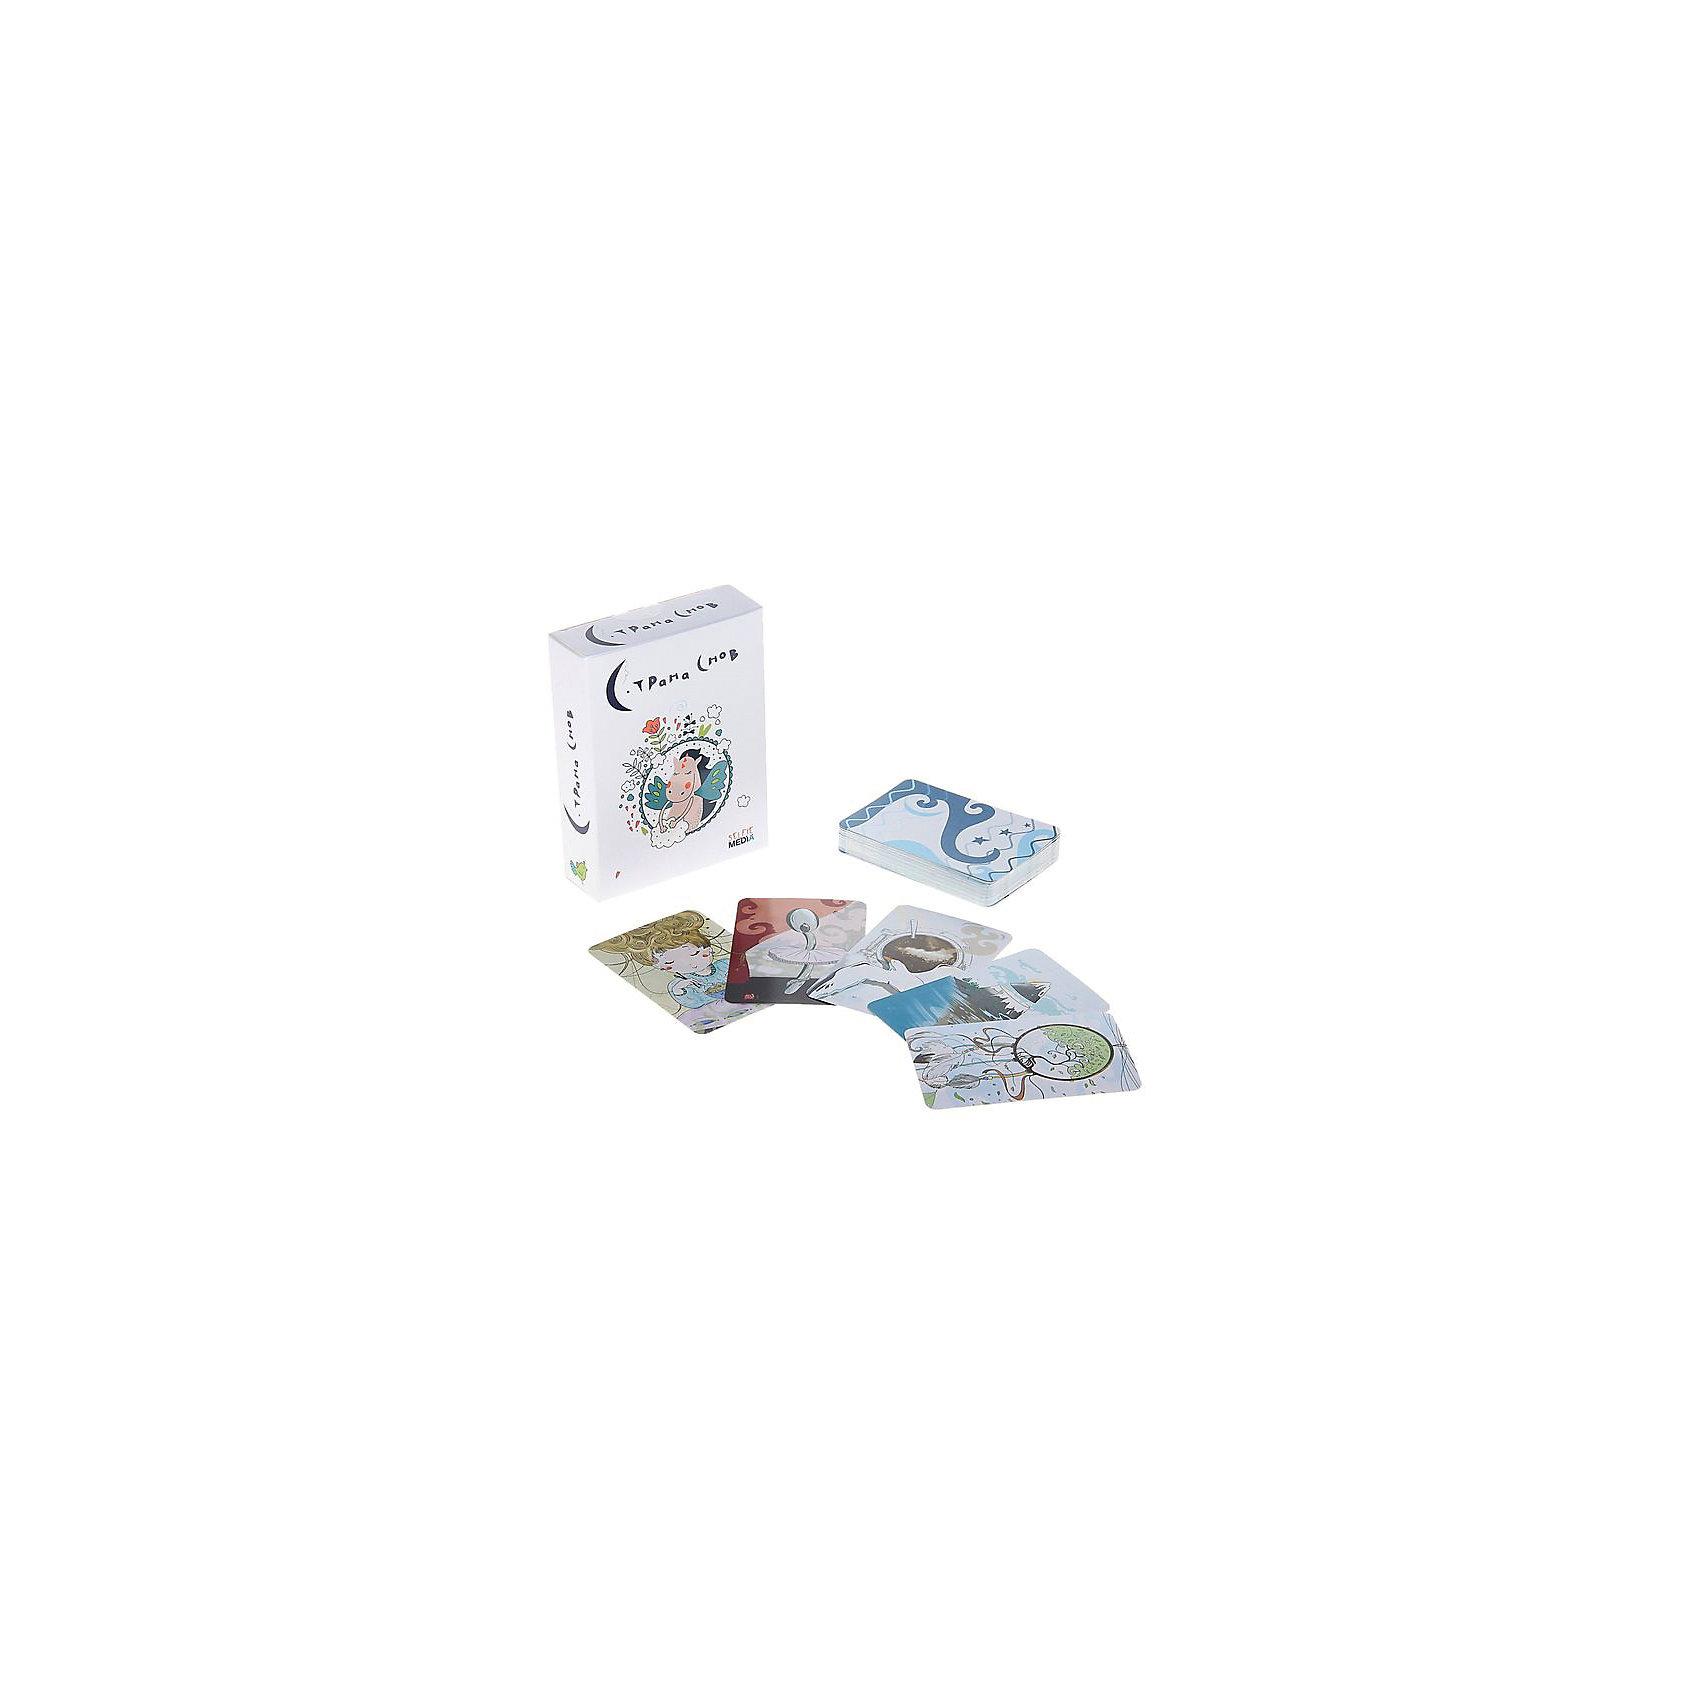 Настольная игра «Страна Снов», Selfie mediaНастольные игры<br>Характеристики товара:<br><br>• возраст от 7 лет;<br>• материал: картон;<br>• количество игроков: 2-6<br>• продолжительность игры: 20 минут и более<br>• в наборе: 46 карточек, карта «ловец снов», инструкция;<br>• размер упаковки 12х9,2х3,5 см;<br>• вес упаковки 90 гр.;<br>• страна производитель Россия.<br><br>Настольная игра «Страна снов» Selfie media — увлекательная игра для детей от 7 лет, которая позволит весело провести время в компании друзей или в кругу семьи. Часть карточек раскладывается на поверхности картинкой наверх, другая часть карточек, наоборот, картинкой вниз. Ведущий выбирает одну карточку и рассказывает свой сон остальным, фантазируя, придумывая оригинальные истории. Остальные участники должны найти карточку, которая олицетворяет сон ведущего. Игра тренирует воображение, фантази, смекалку и сообразительность. <br><br>Настольную игру «Страна снов» Selfie media можно приобрести в нашем интернет-магазине.<br><br>Ширина мм: 35<br>Глубина мм: 92<br>Высота мм: 120<br>Вес г: 90<br>Возраст от месяцев: 84<br>Возраст до месяцев: 2147483647<br>Пол: Унисекс<br>Возраст: Детский<br>SKU: 5578429